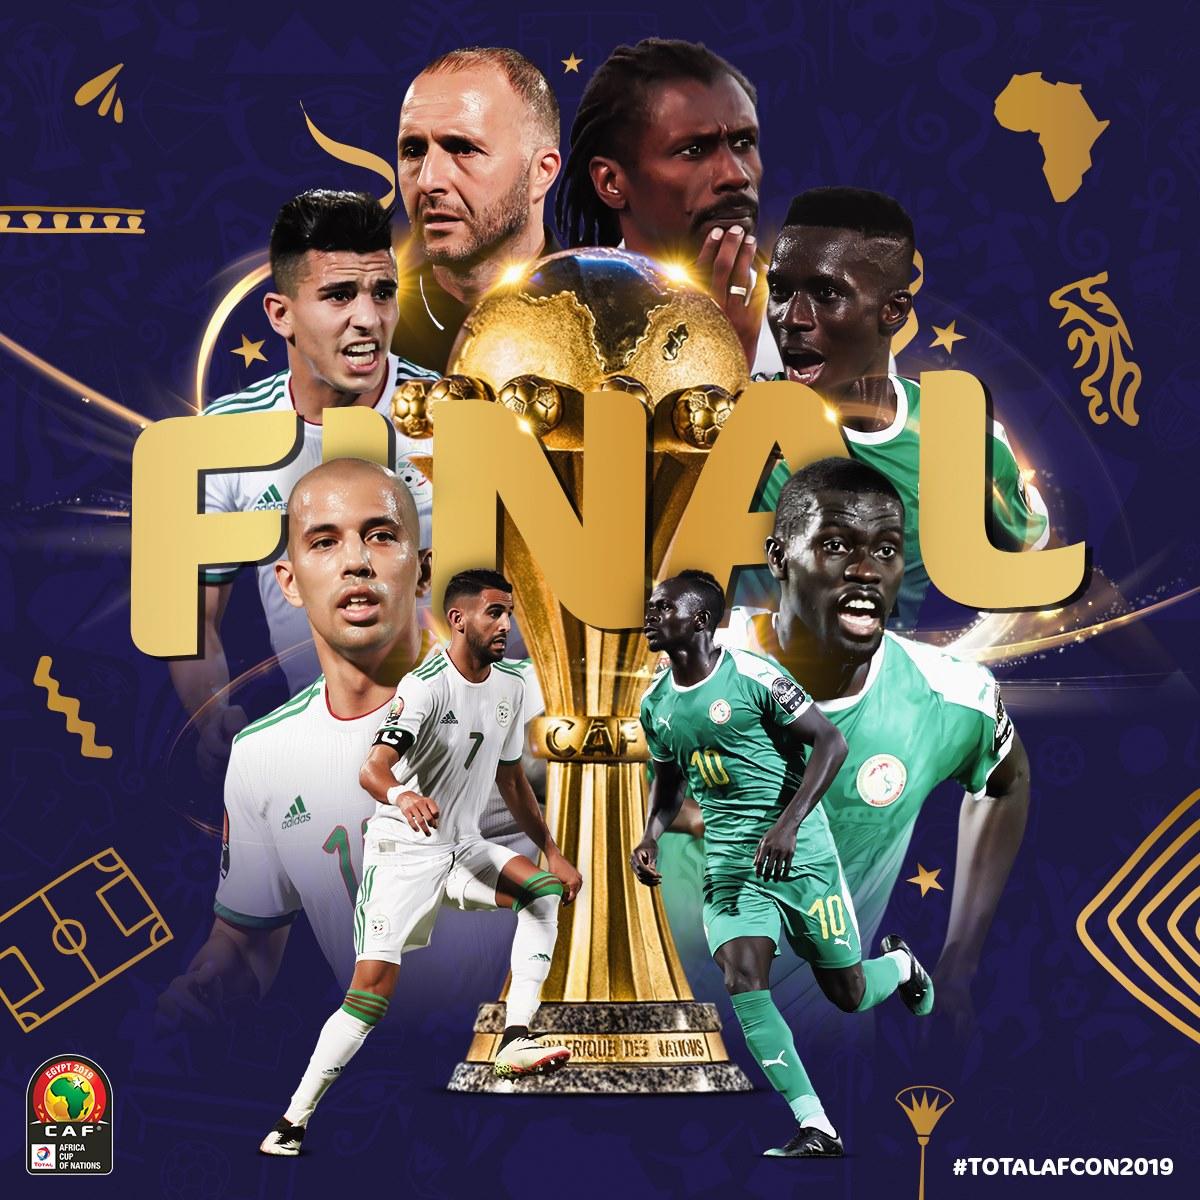 马赫雷斯造乌龙+绝杀!阿尔及利亚晋级非洲杯决赛 将战塞内加尔